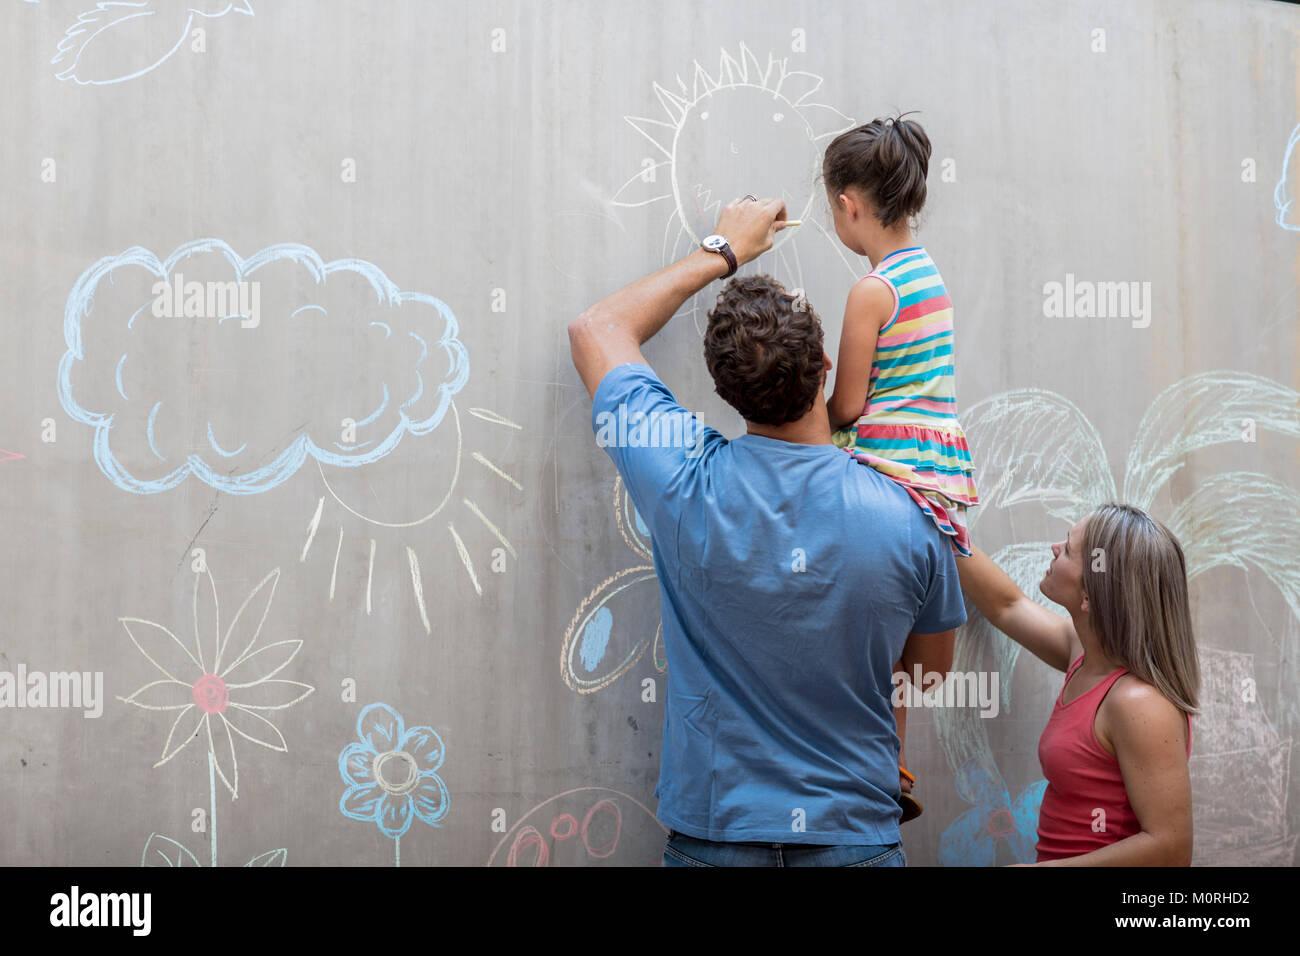 Familia coloridas imágenes de dibujo con tiza en una pared de hormigón Imagen De Stock